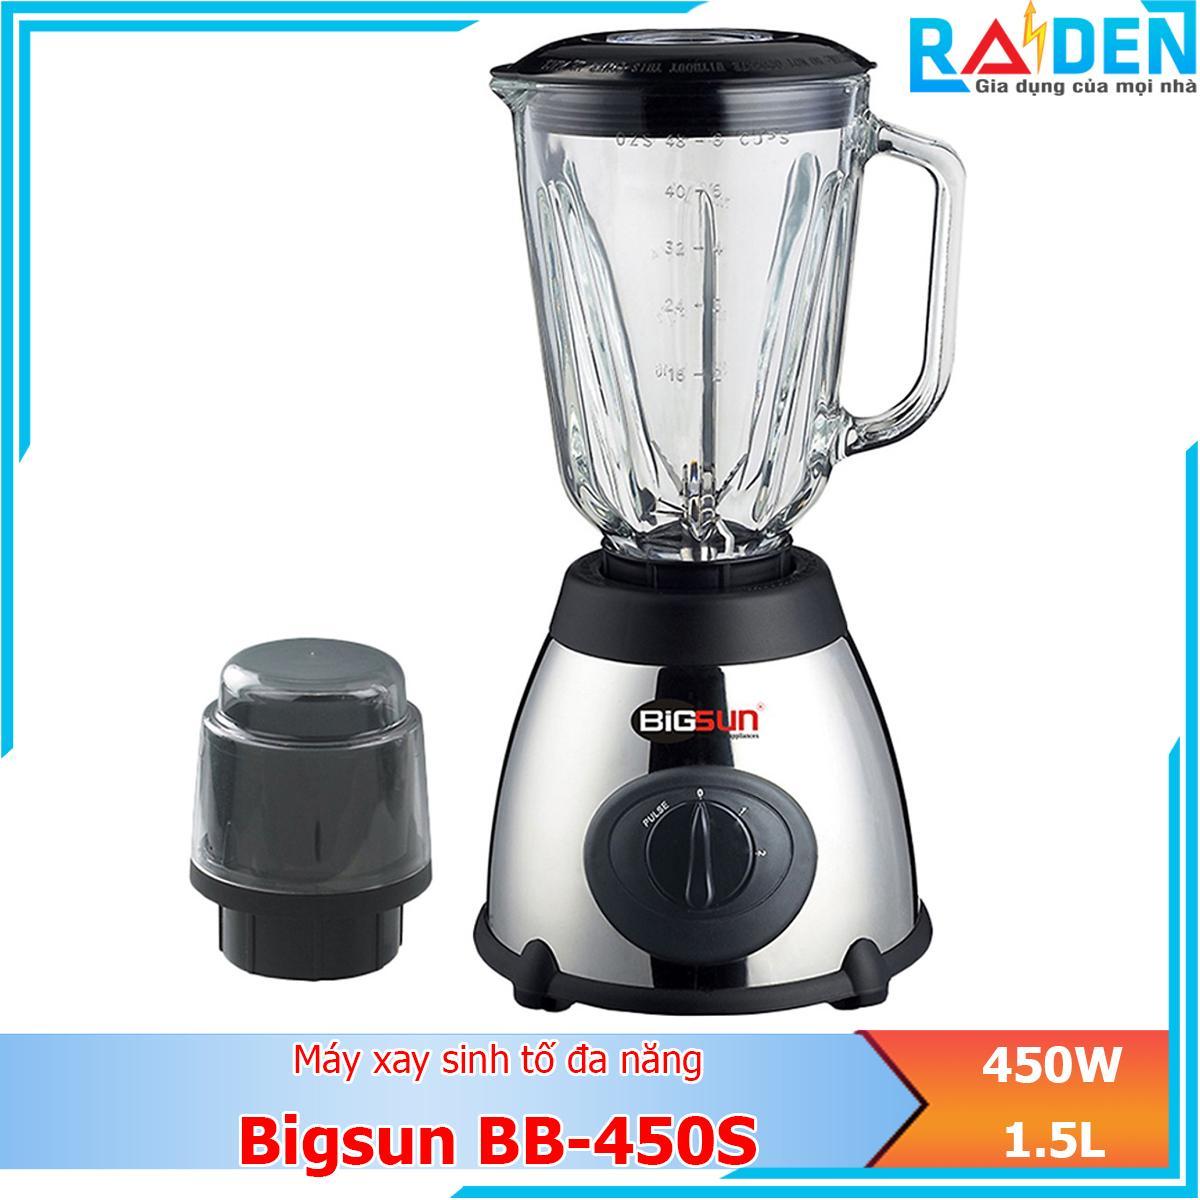 Máy xay sinh tố đa năng 450W Bigsun BB-450S